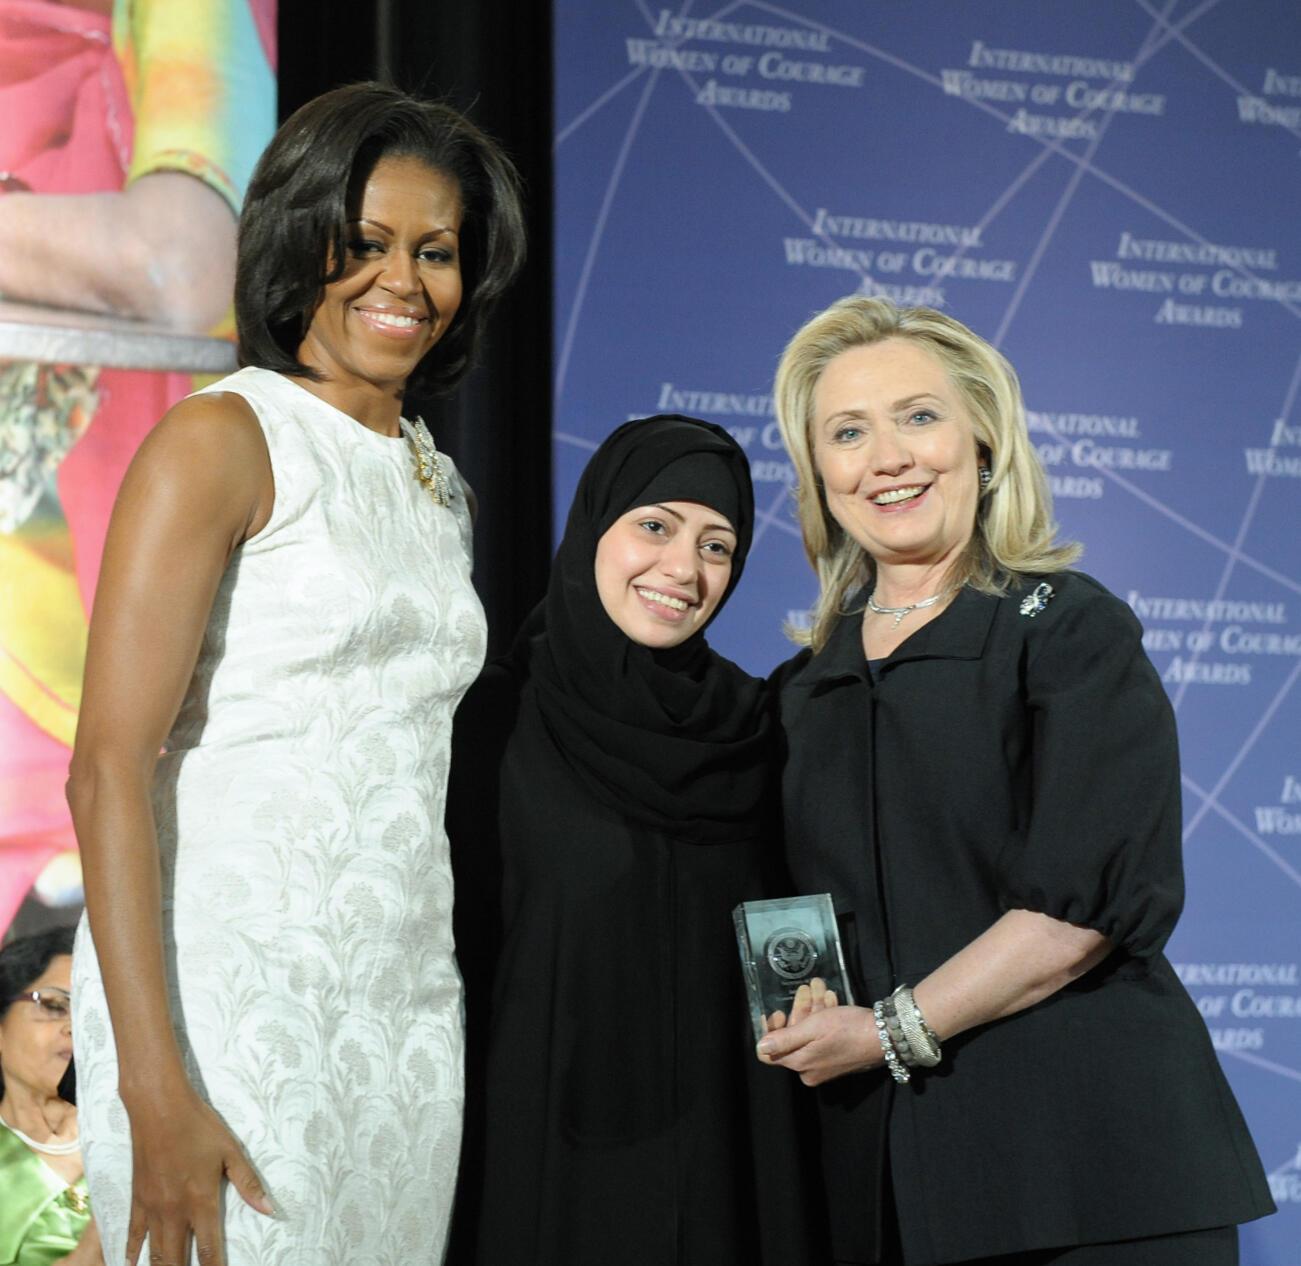 Mai rajin kare hakkin bil'adama Samar Badawi tare da Michelle Obama da Hillary Clinton